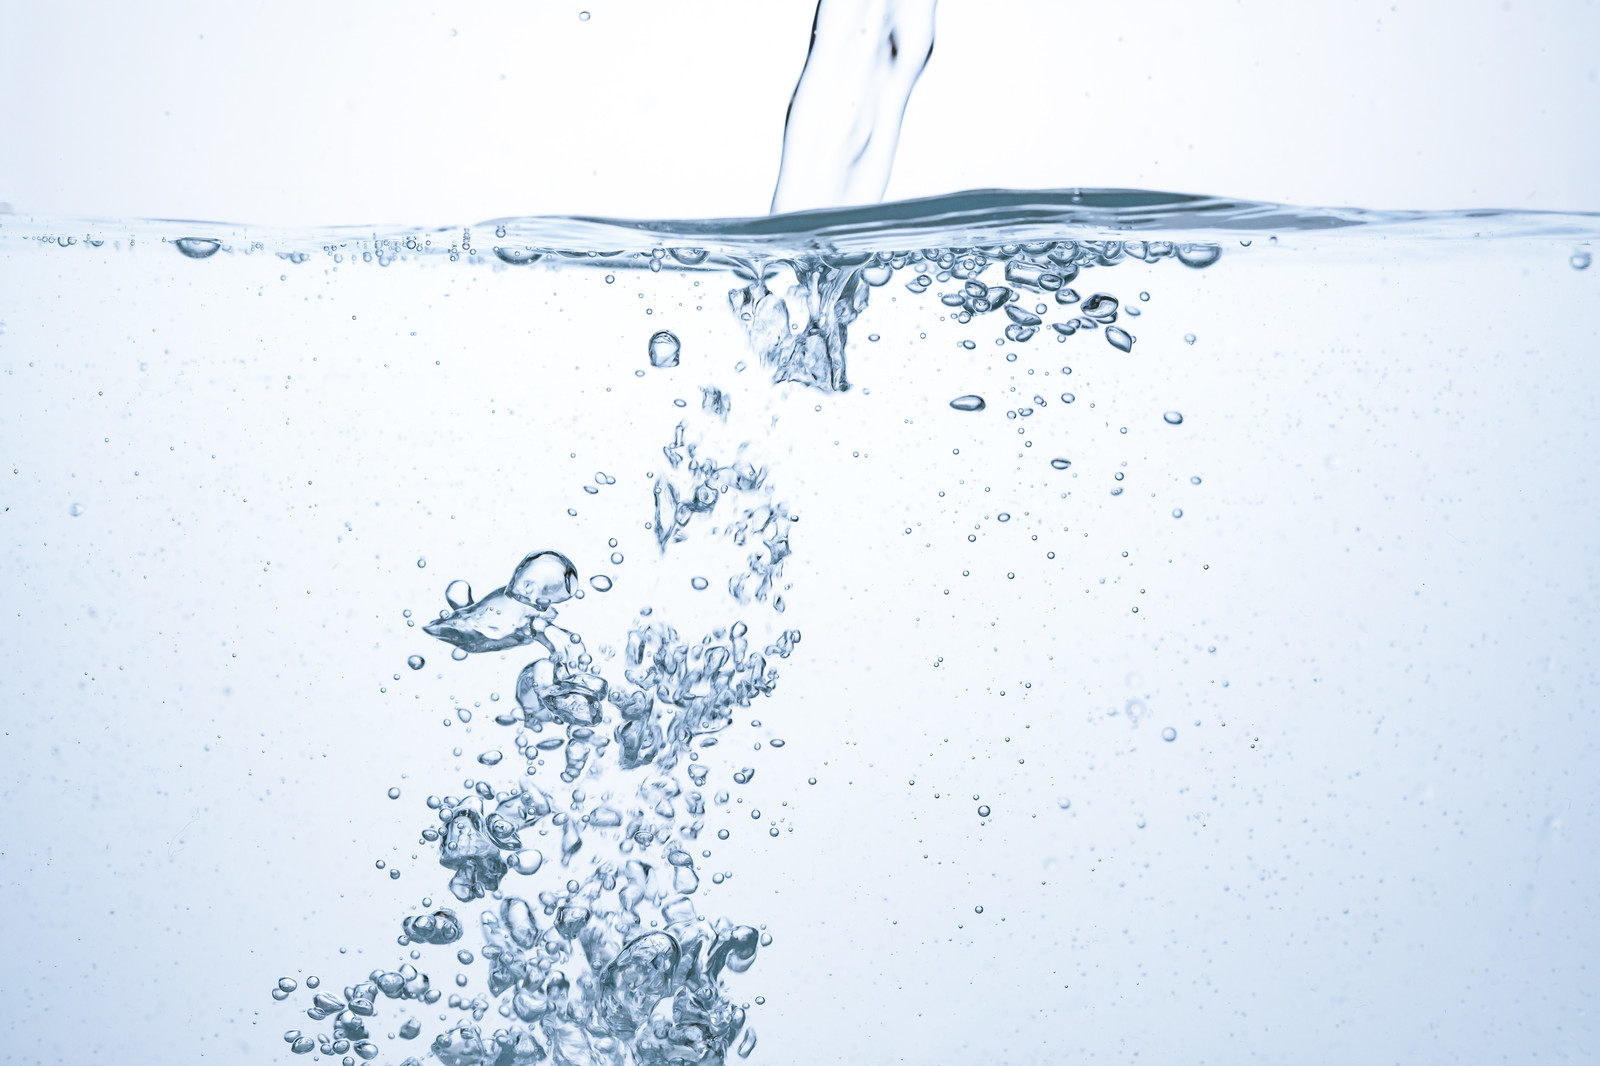 「勢いよく注がれる水と気泡勢いよく注がれる水と気泡」のフリー写真素材を拡大